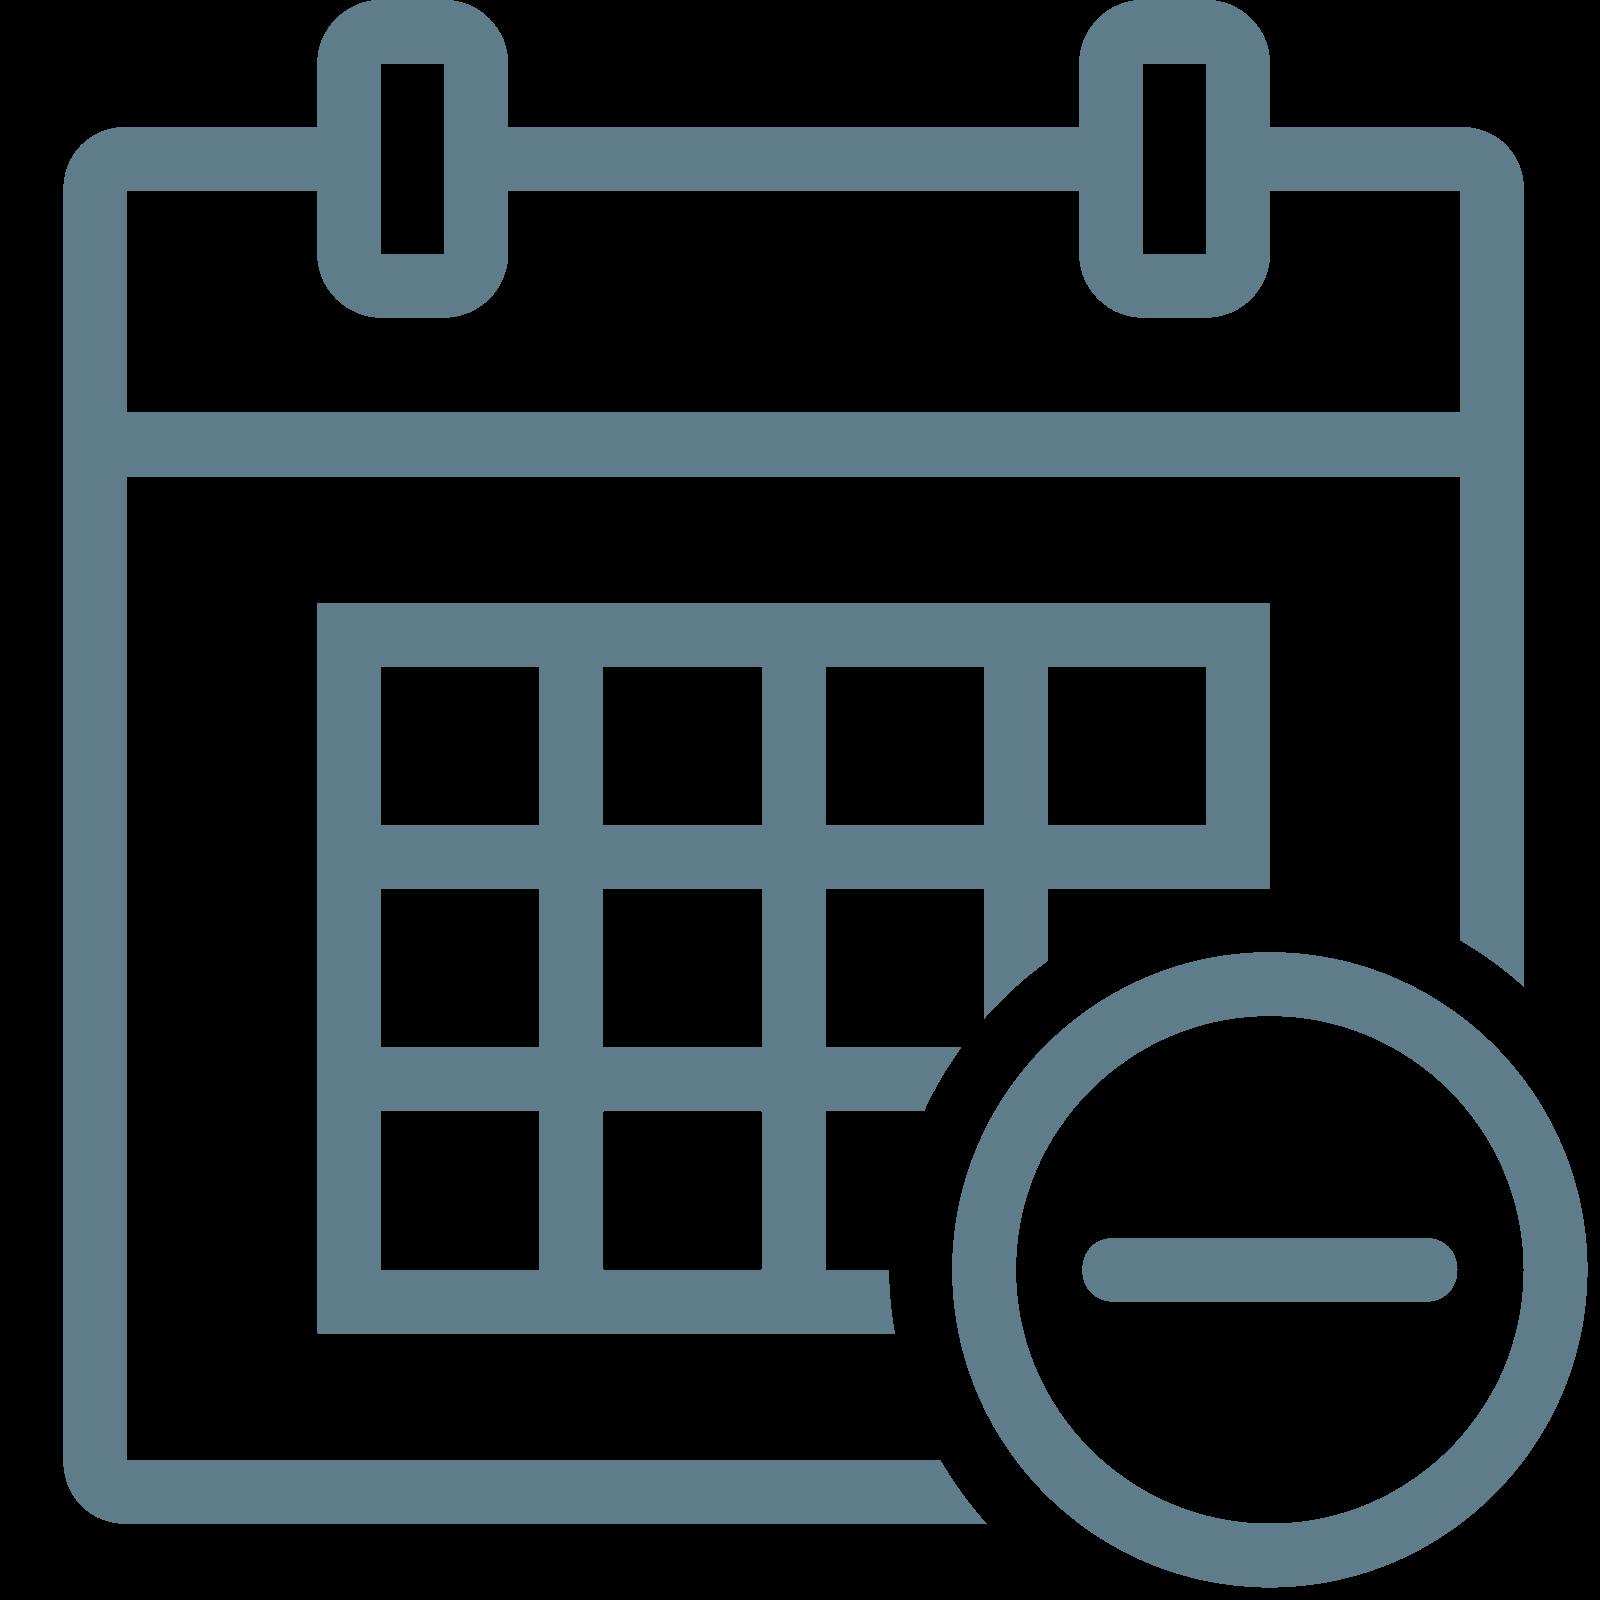 Clipart calendar calendar time. Computer icons clip art